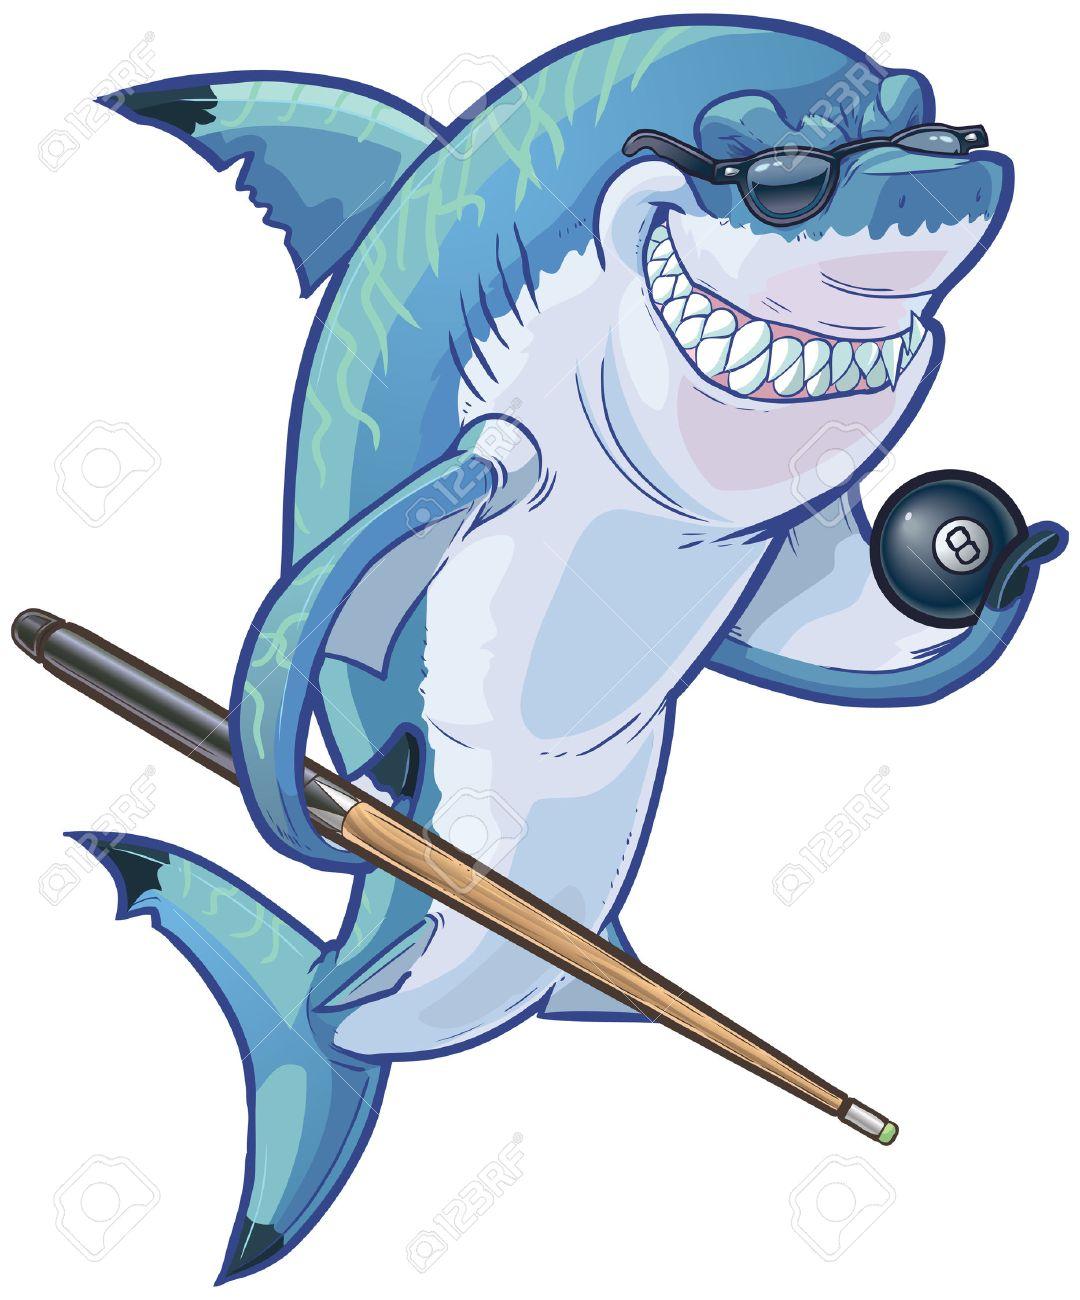 Vector cartoon clip art illustration d'un moyen sourire difficile requin mascotte des lunettes de soleil et tenant un ballon huit et queue de billard. Les accessoires sont sur un calque séparé dans le fichier vectoriel. Banque d'images - 40904187